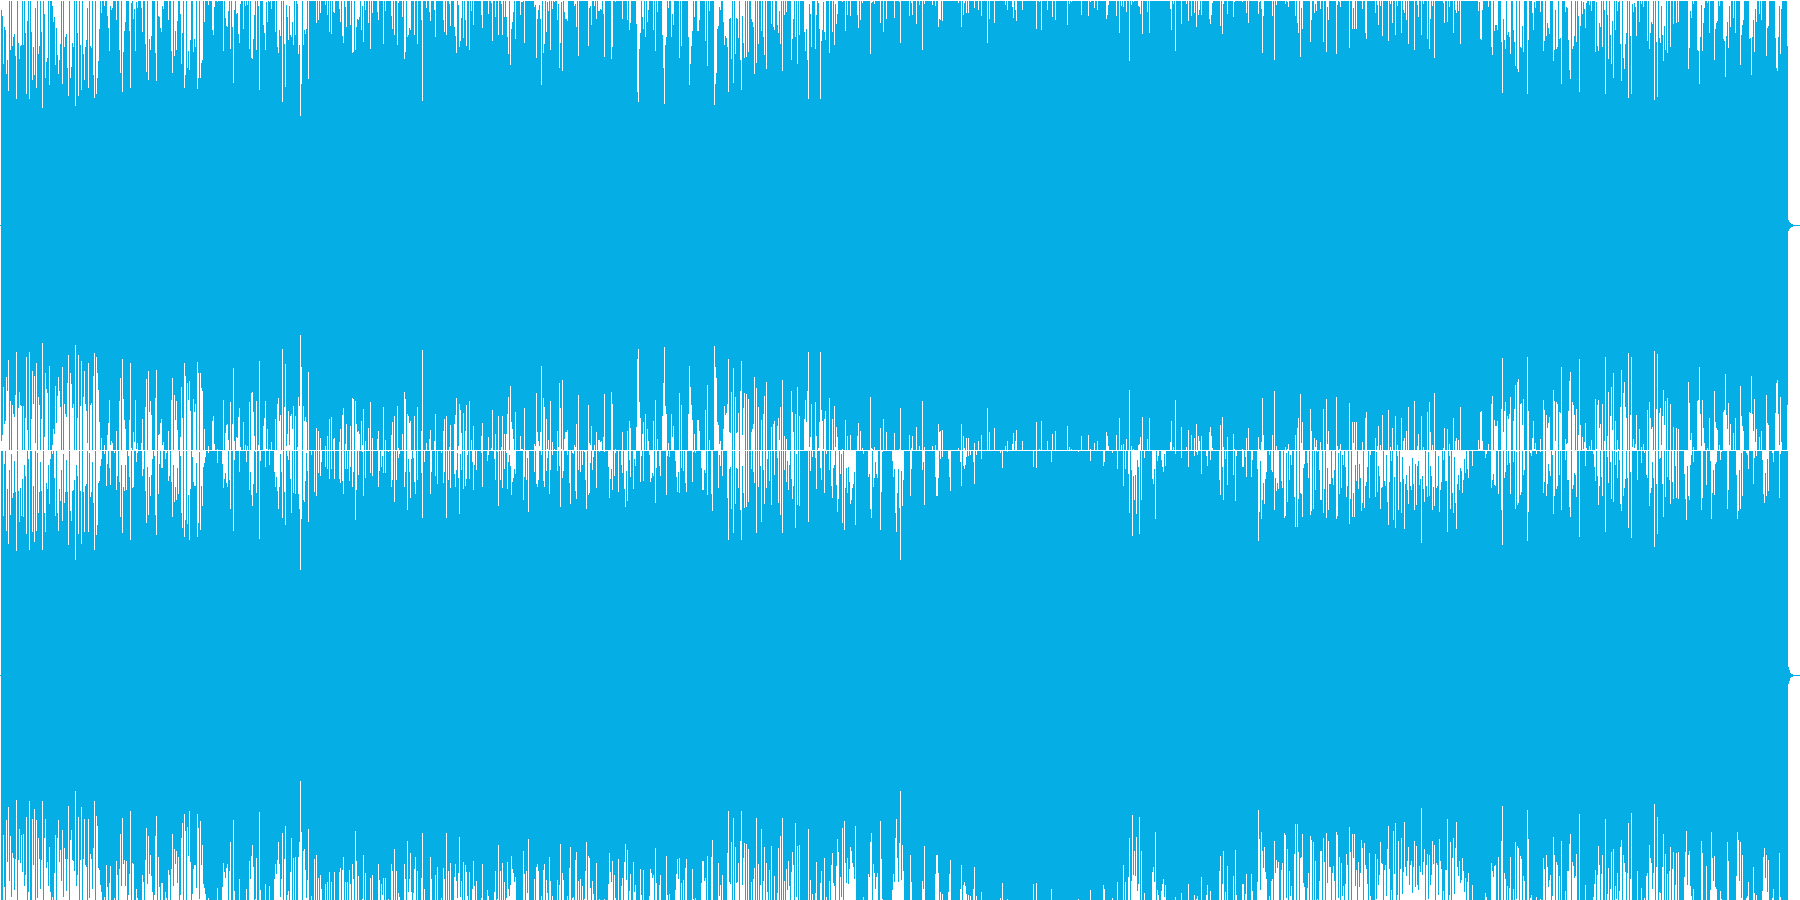 攻撃的なロックの再生済みの波形